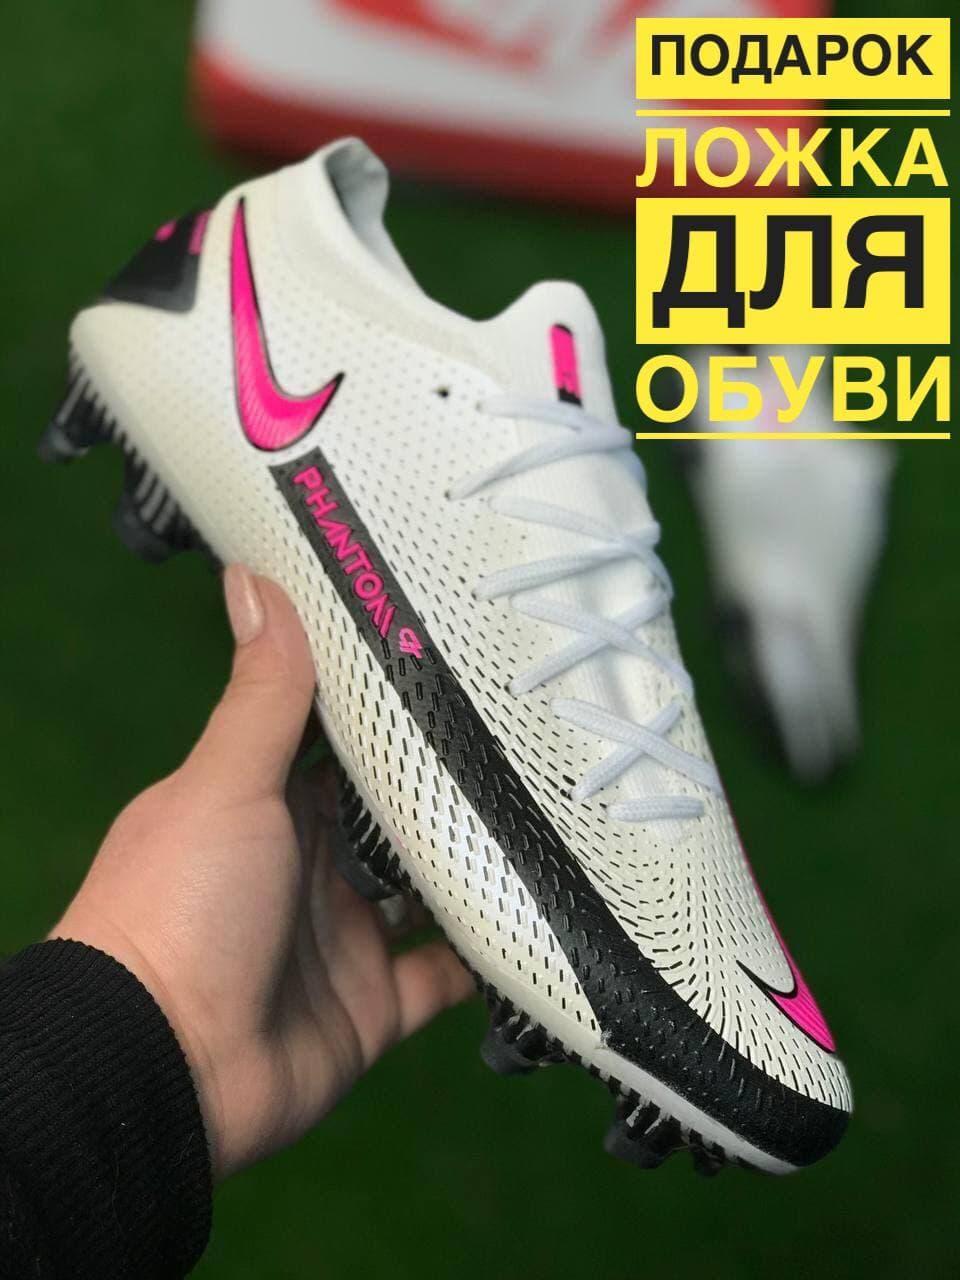 Бутси Nike Phantom GT футбольна взуття найк фантом